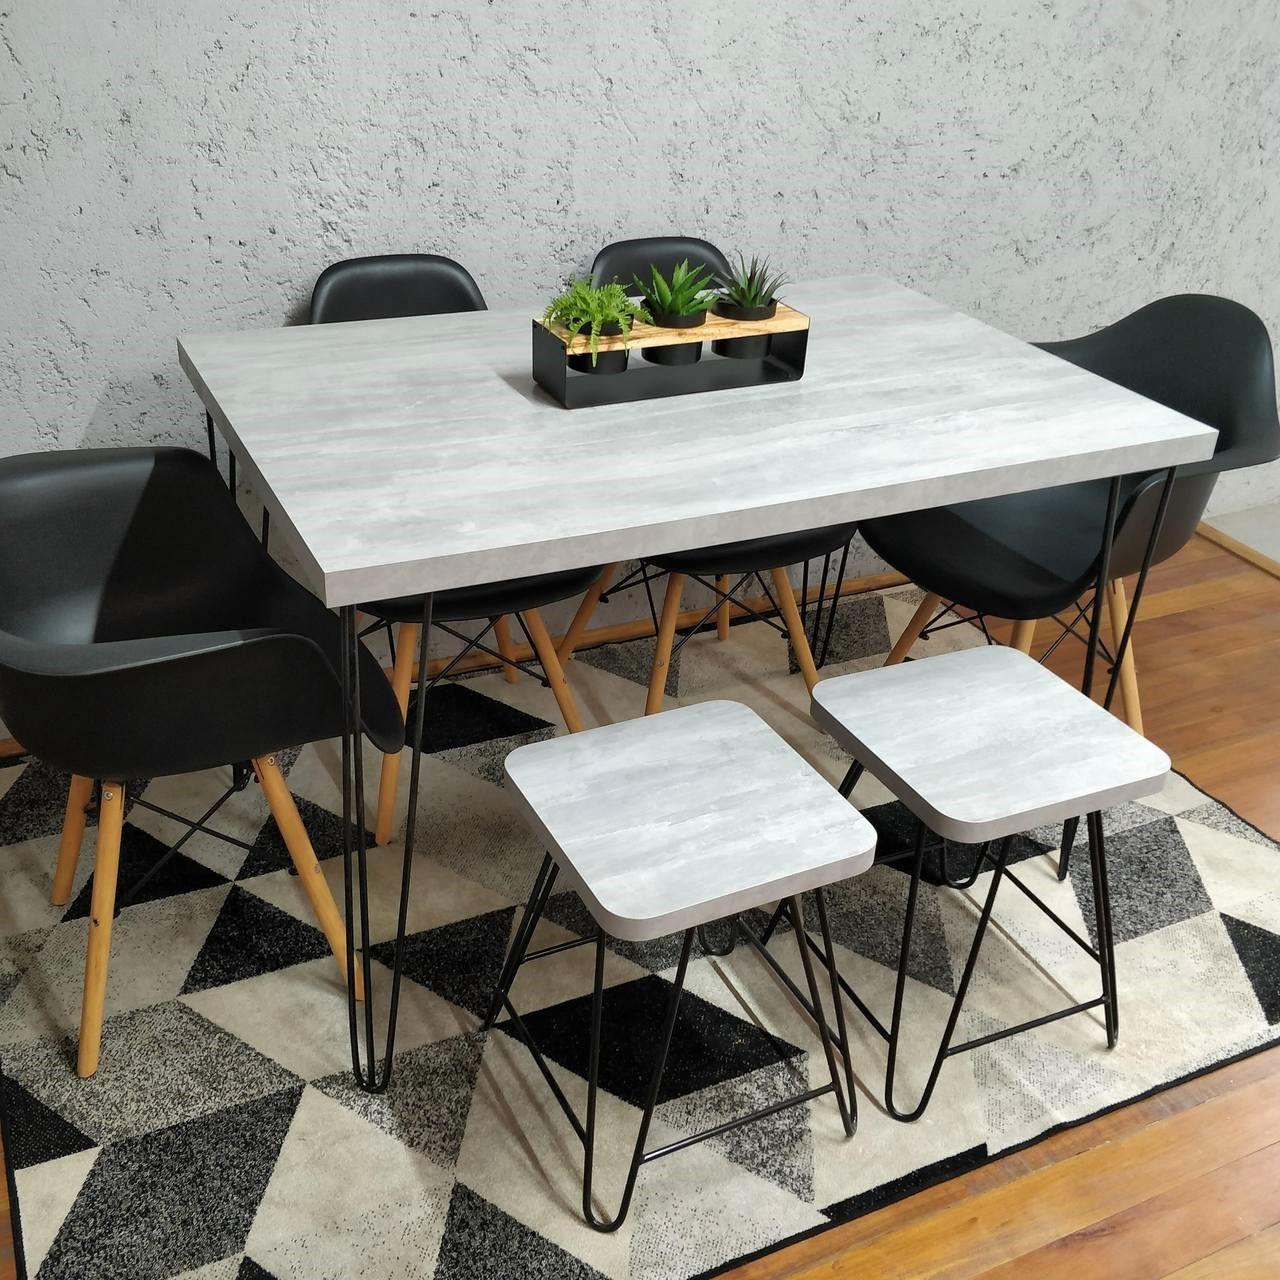 Mesa de Jantar com 2 Banquinhos Santorini com Hairpin Legs e Tampo 100% MDF  - Mtne Store